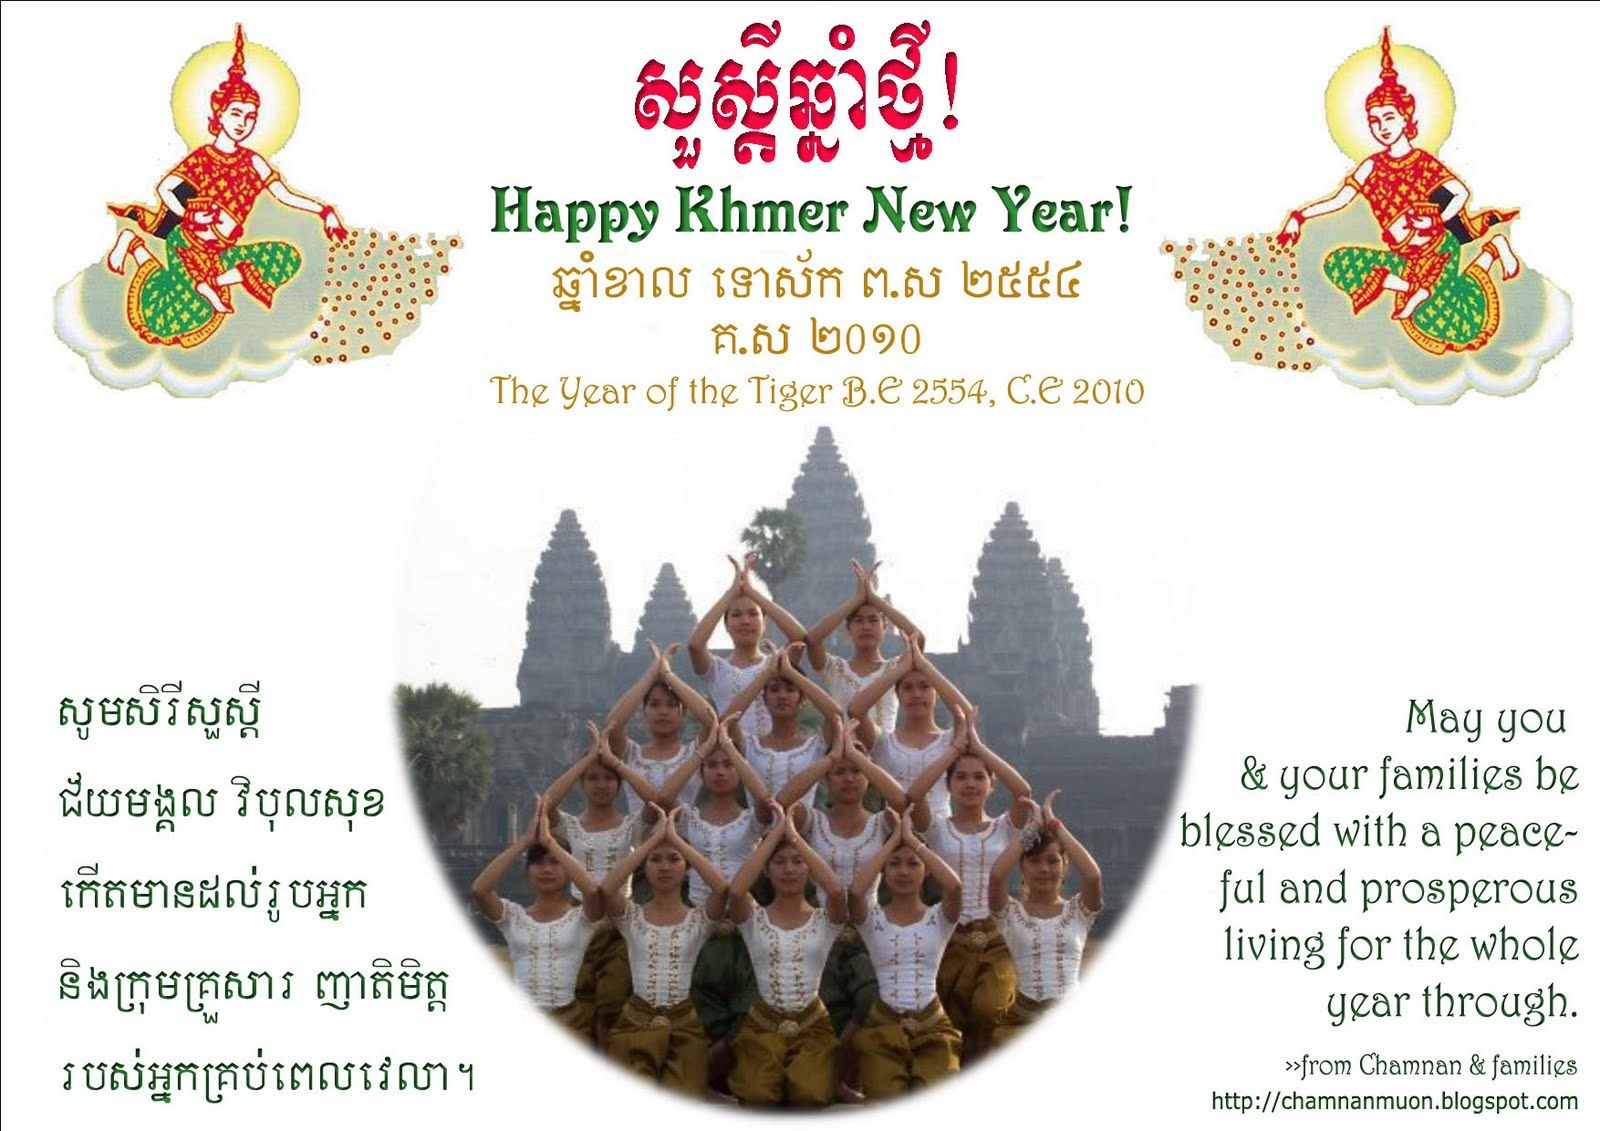 លទ្ធផល រូបភាព សម្រាប់ Khmer New Year Khmer new year